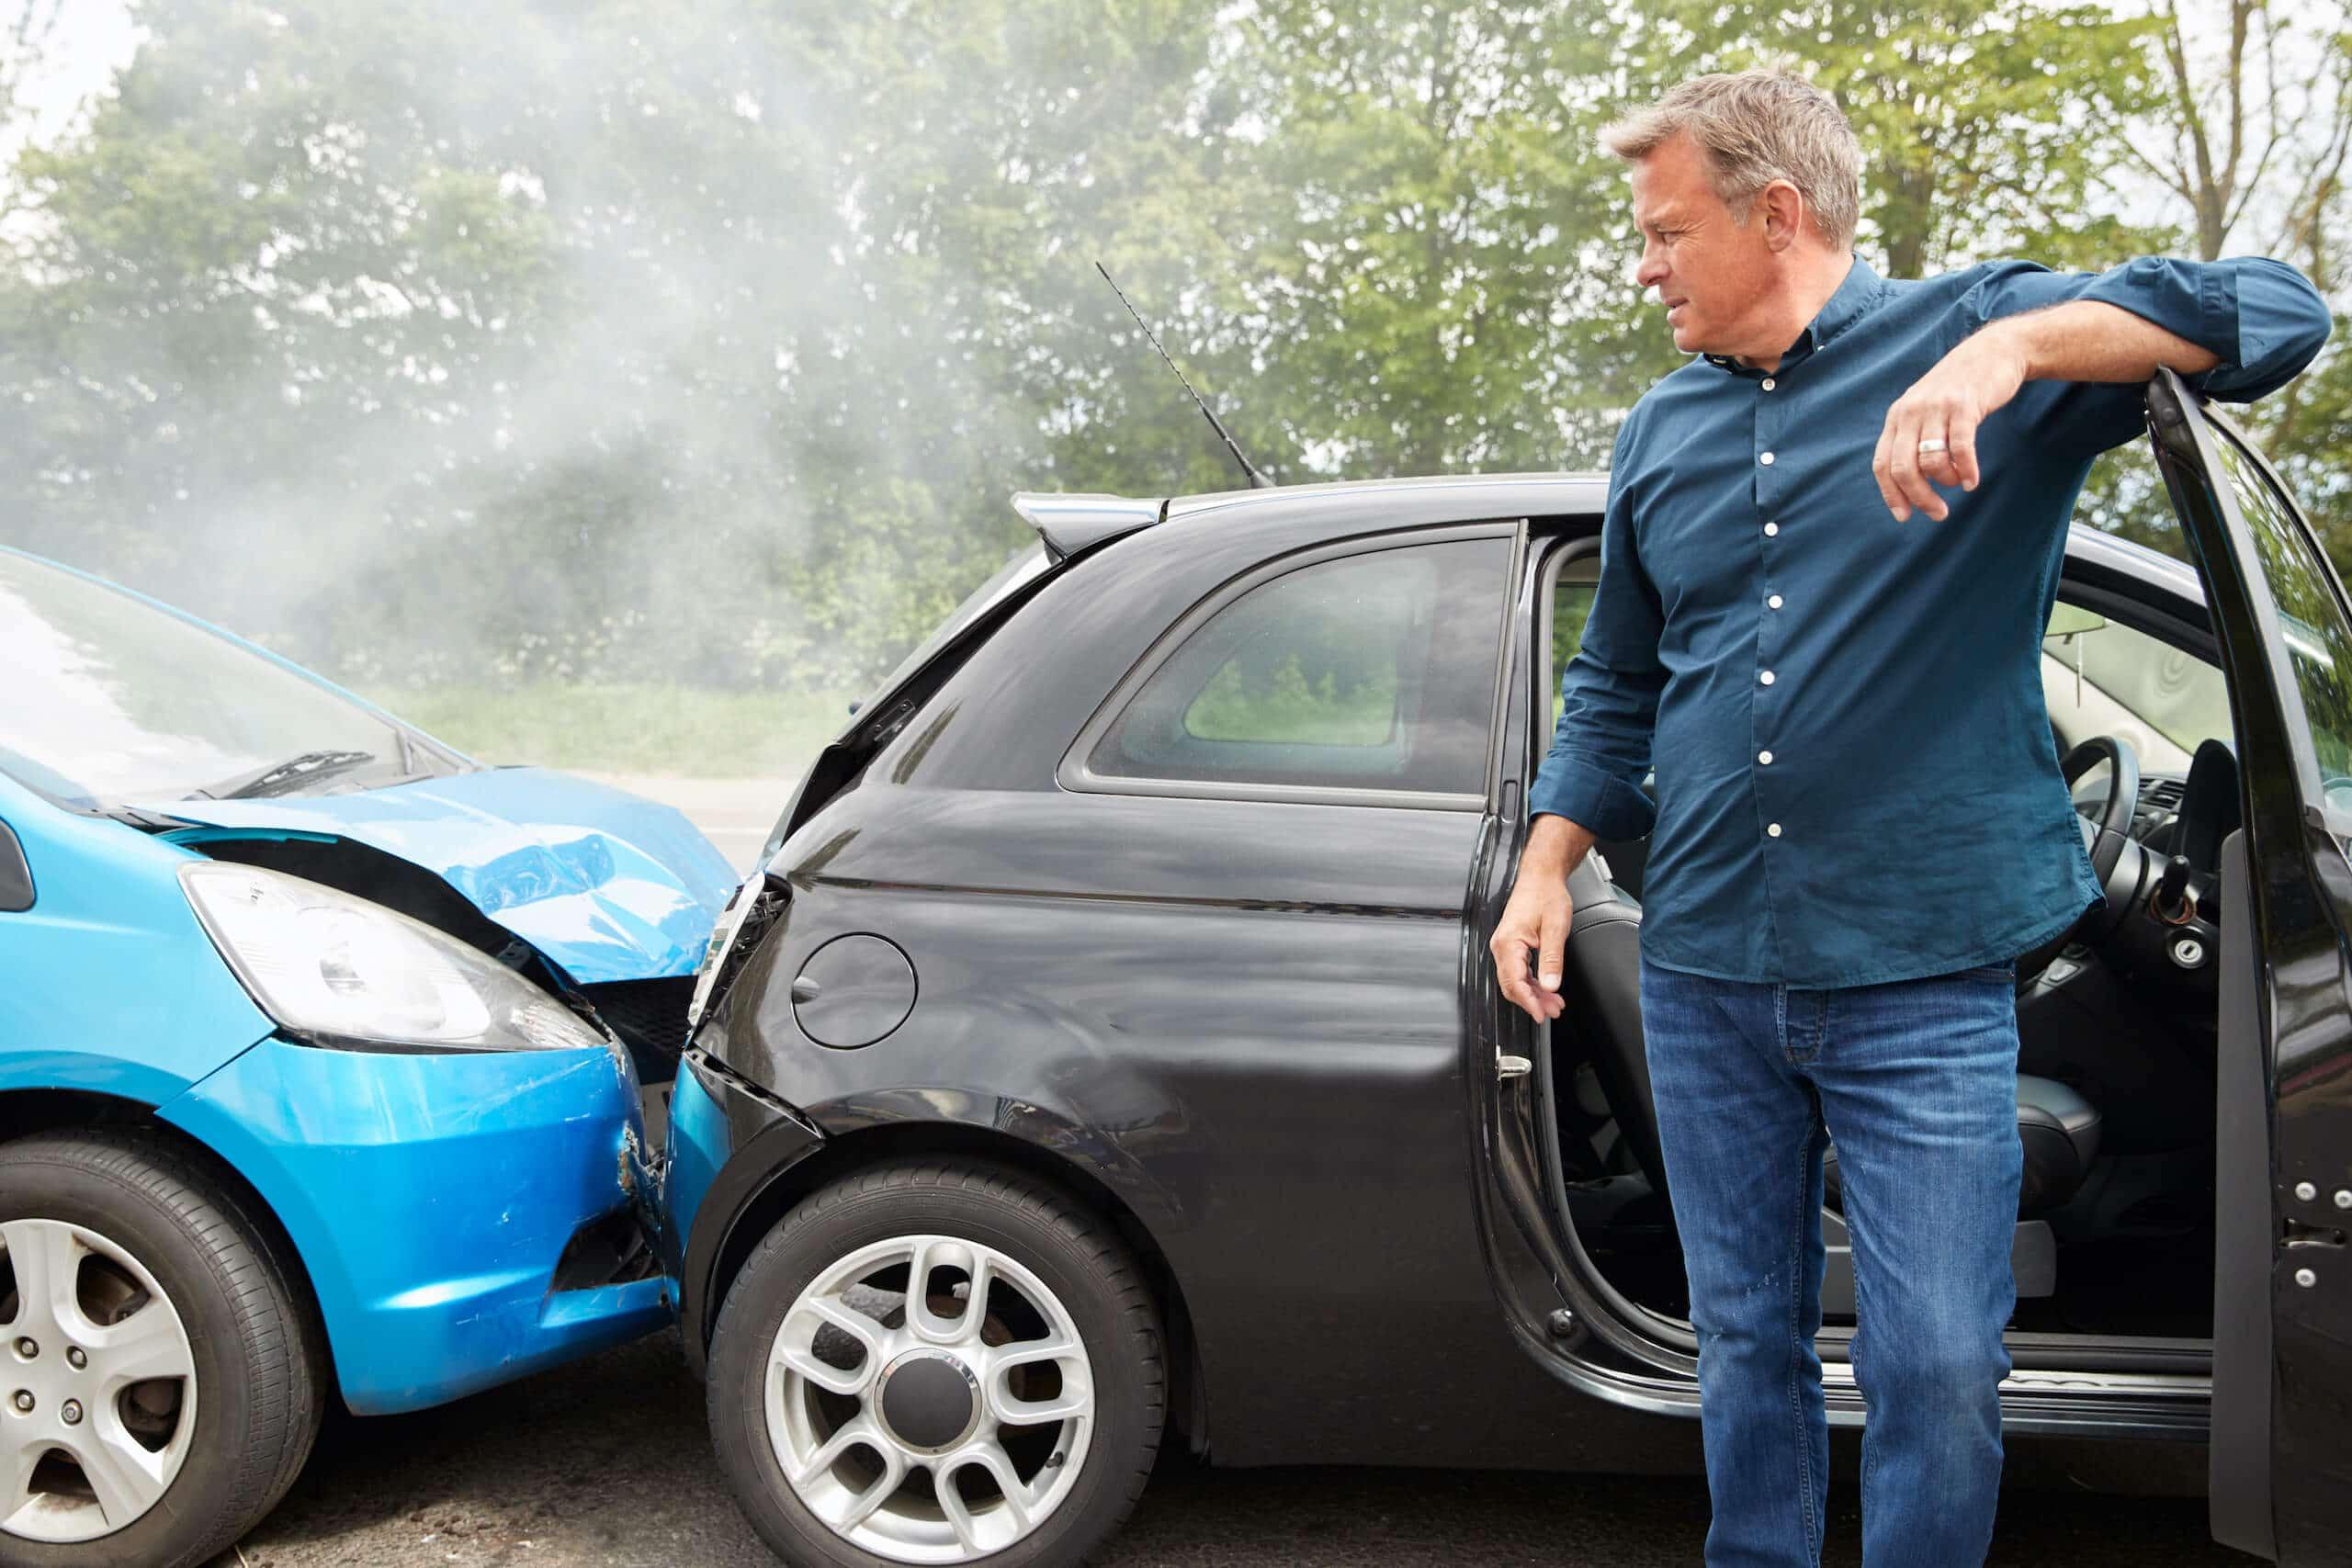 W jaki sposób zachować się po wypadku?